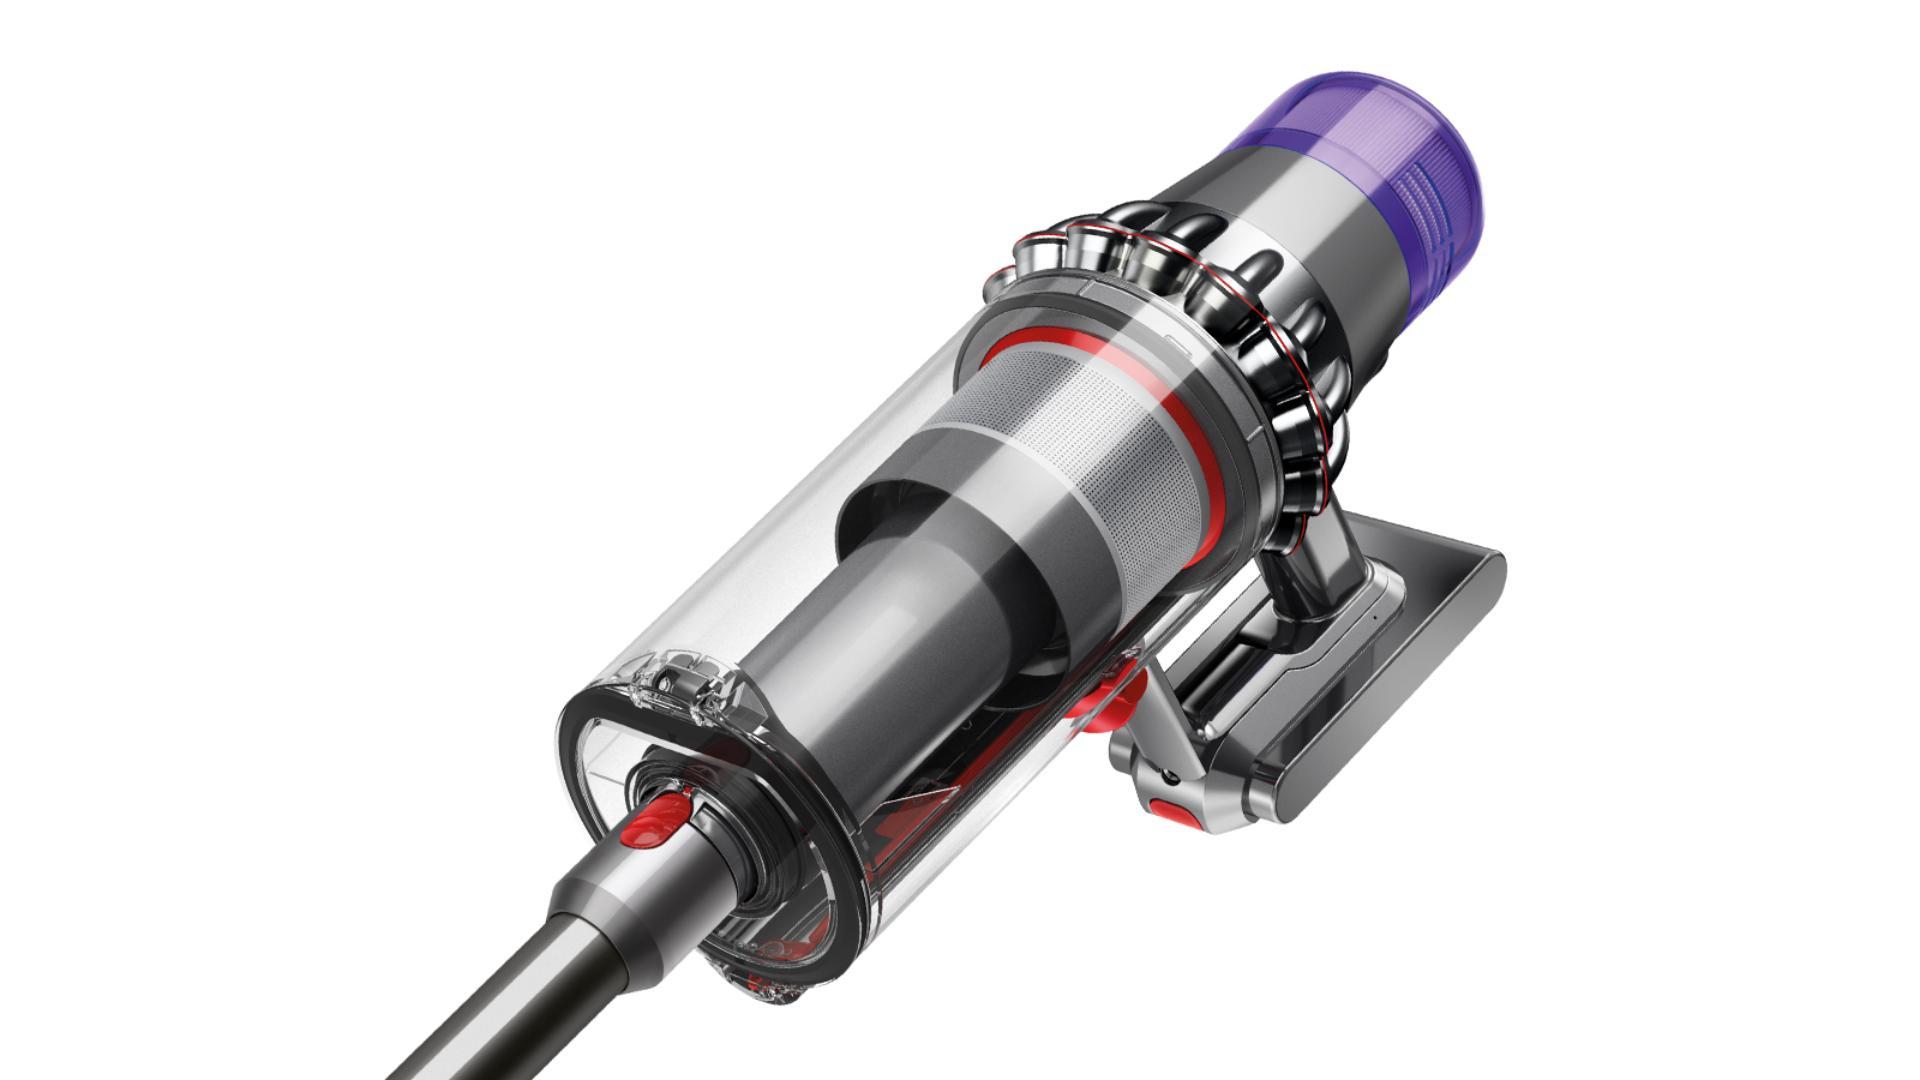 Aspiradora sin cable Dyson Outsize